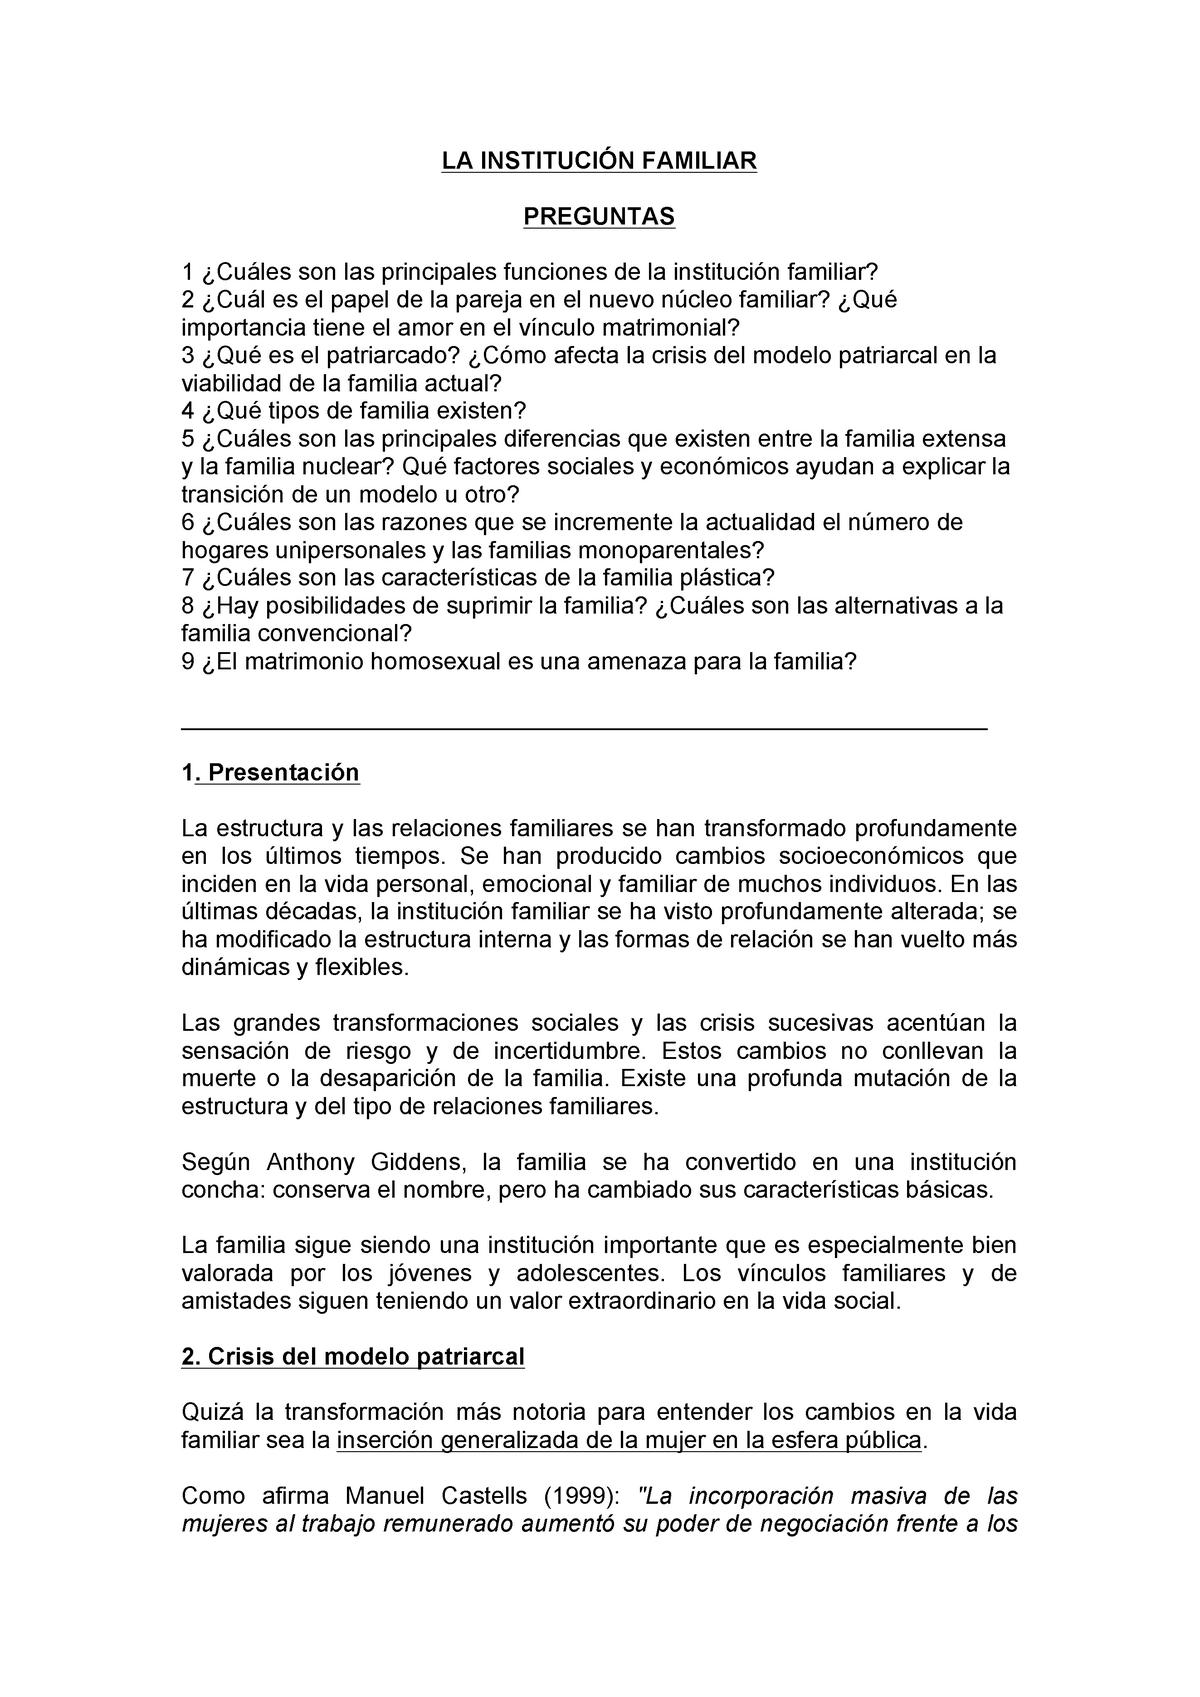 Sociologia Classe 6 Sociología Url Studocu